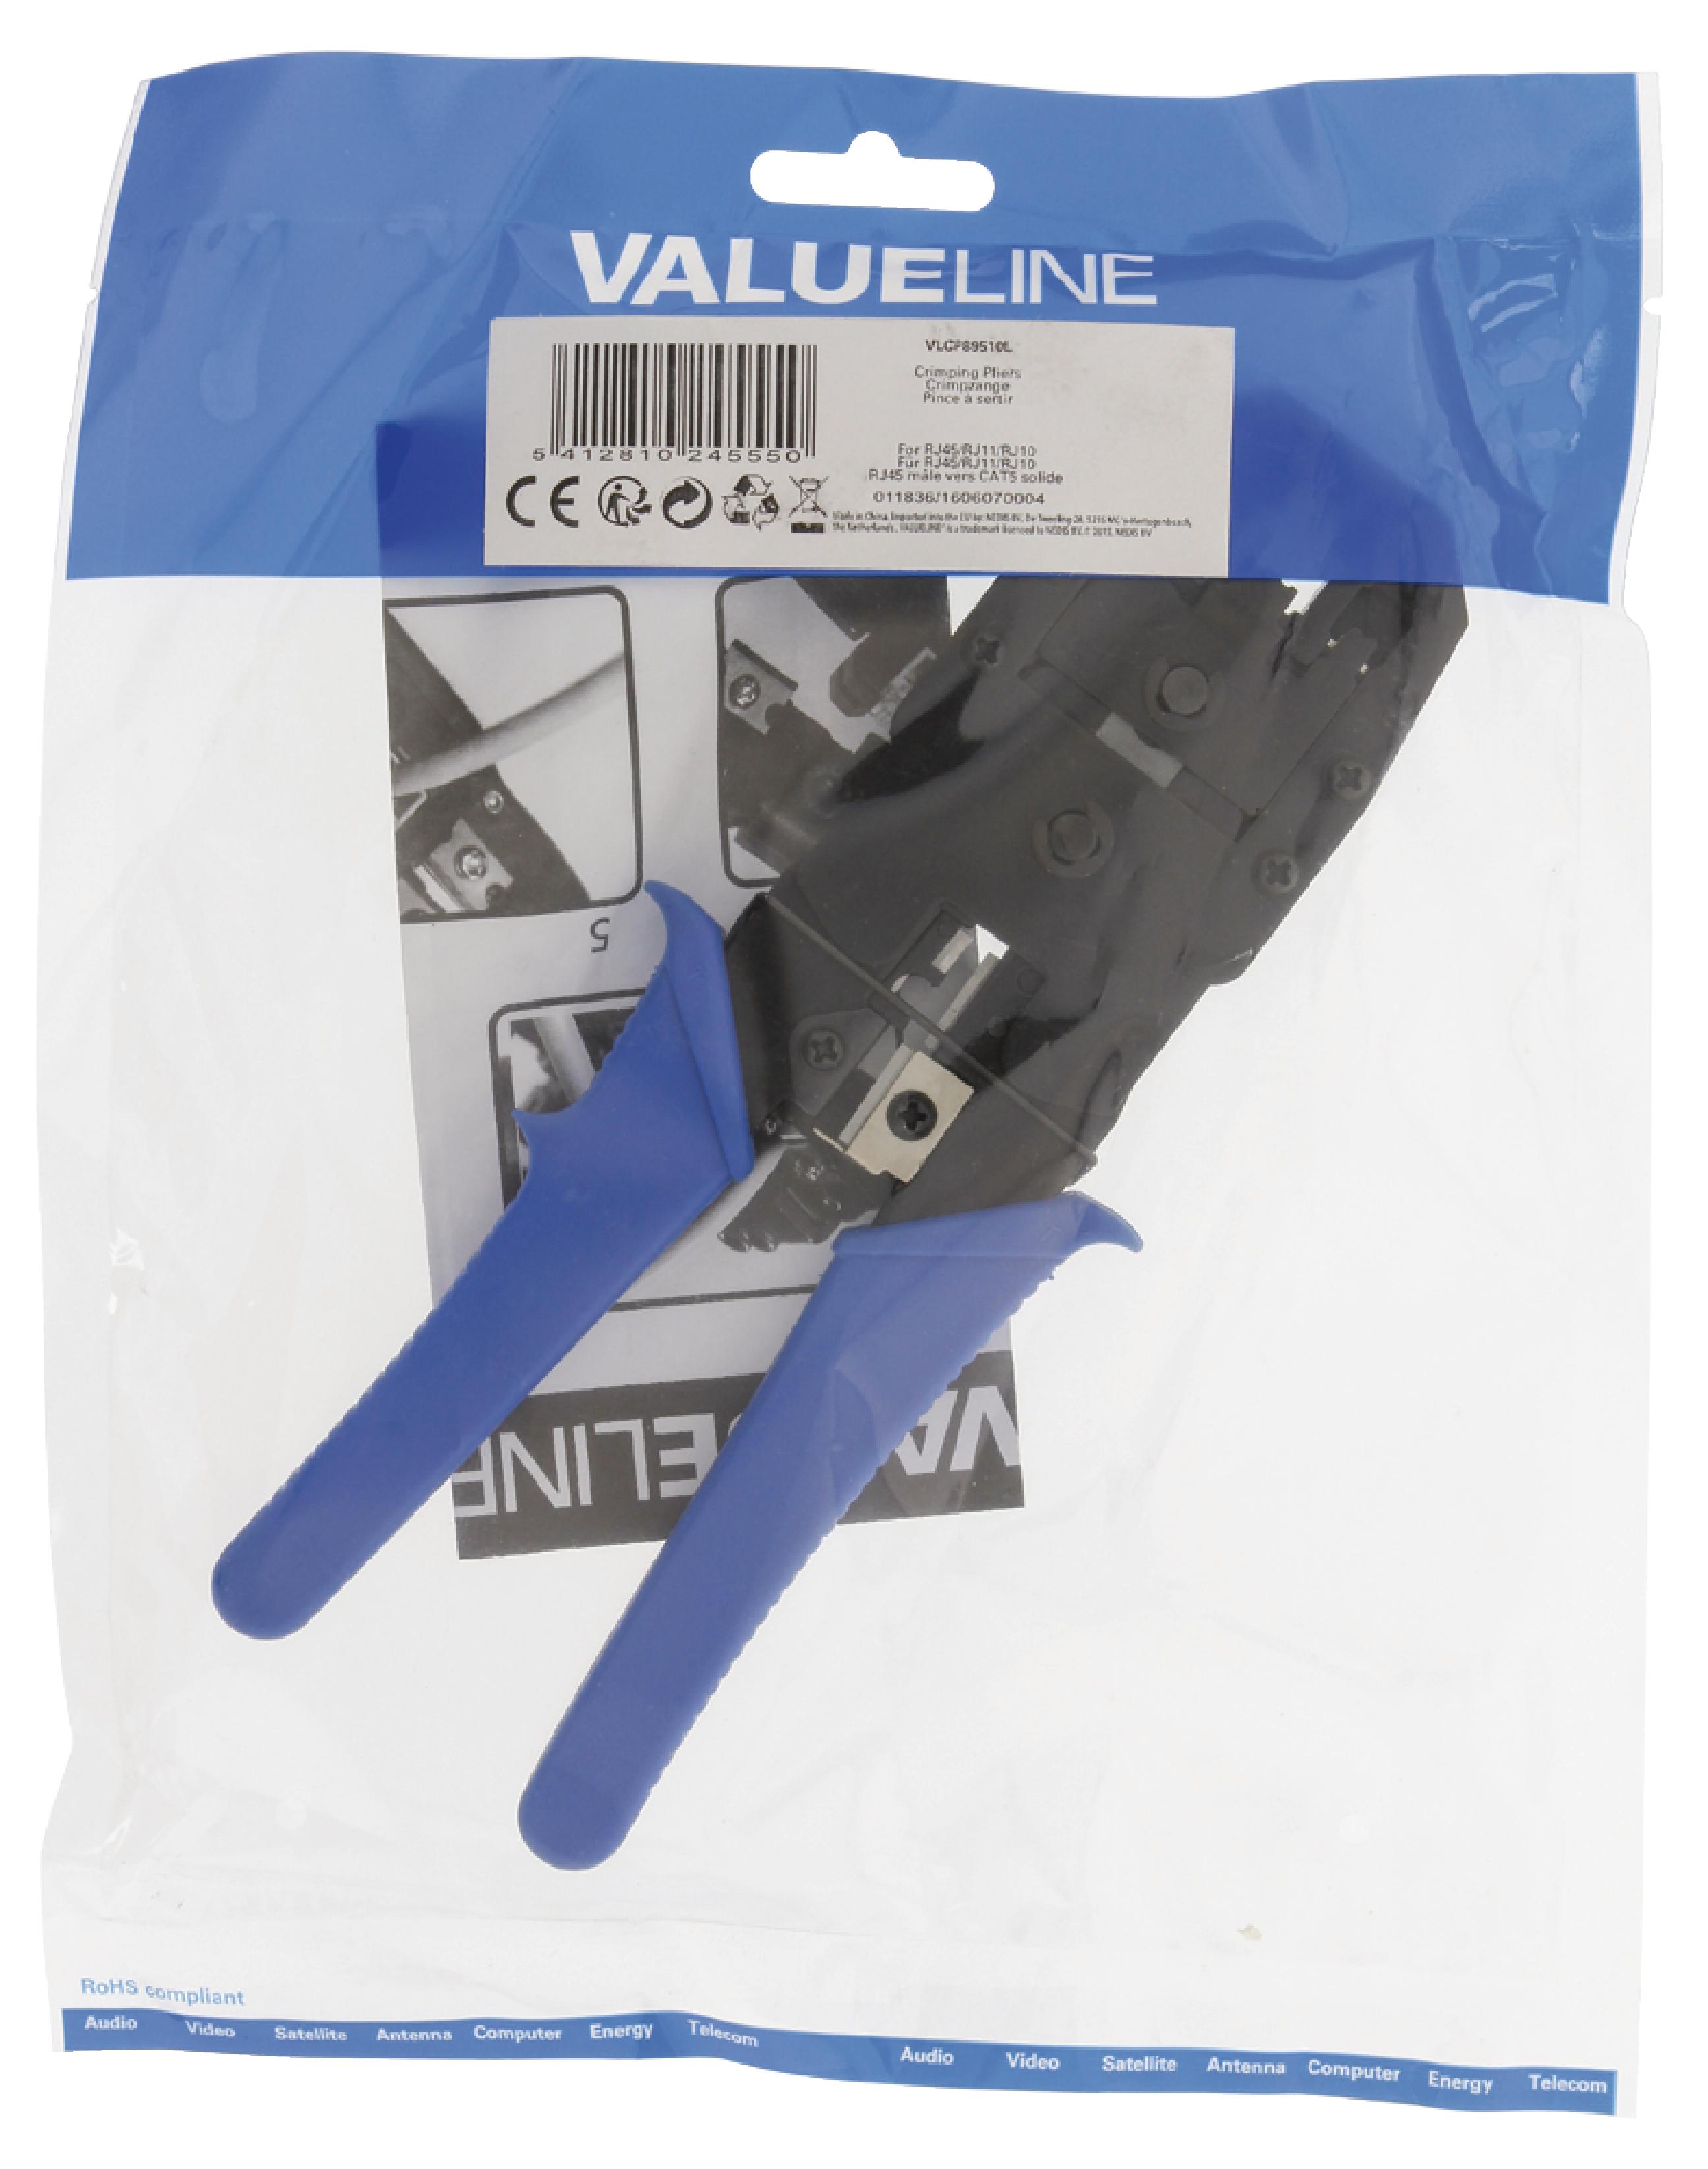 produkt-foto van 'UTP-tang - rj10 + rj11 + rj45 met ratel, valueline, blauw handvat'